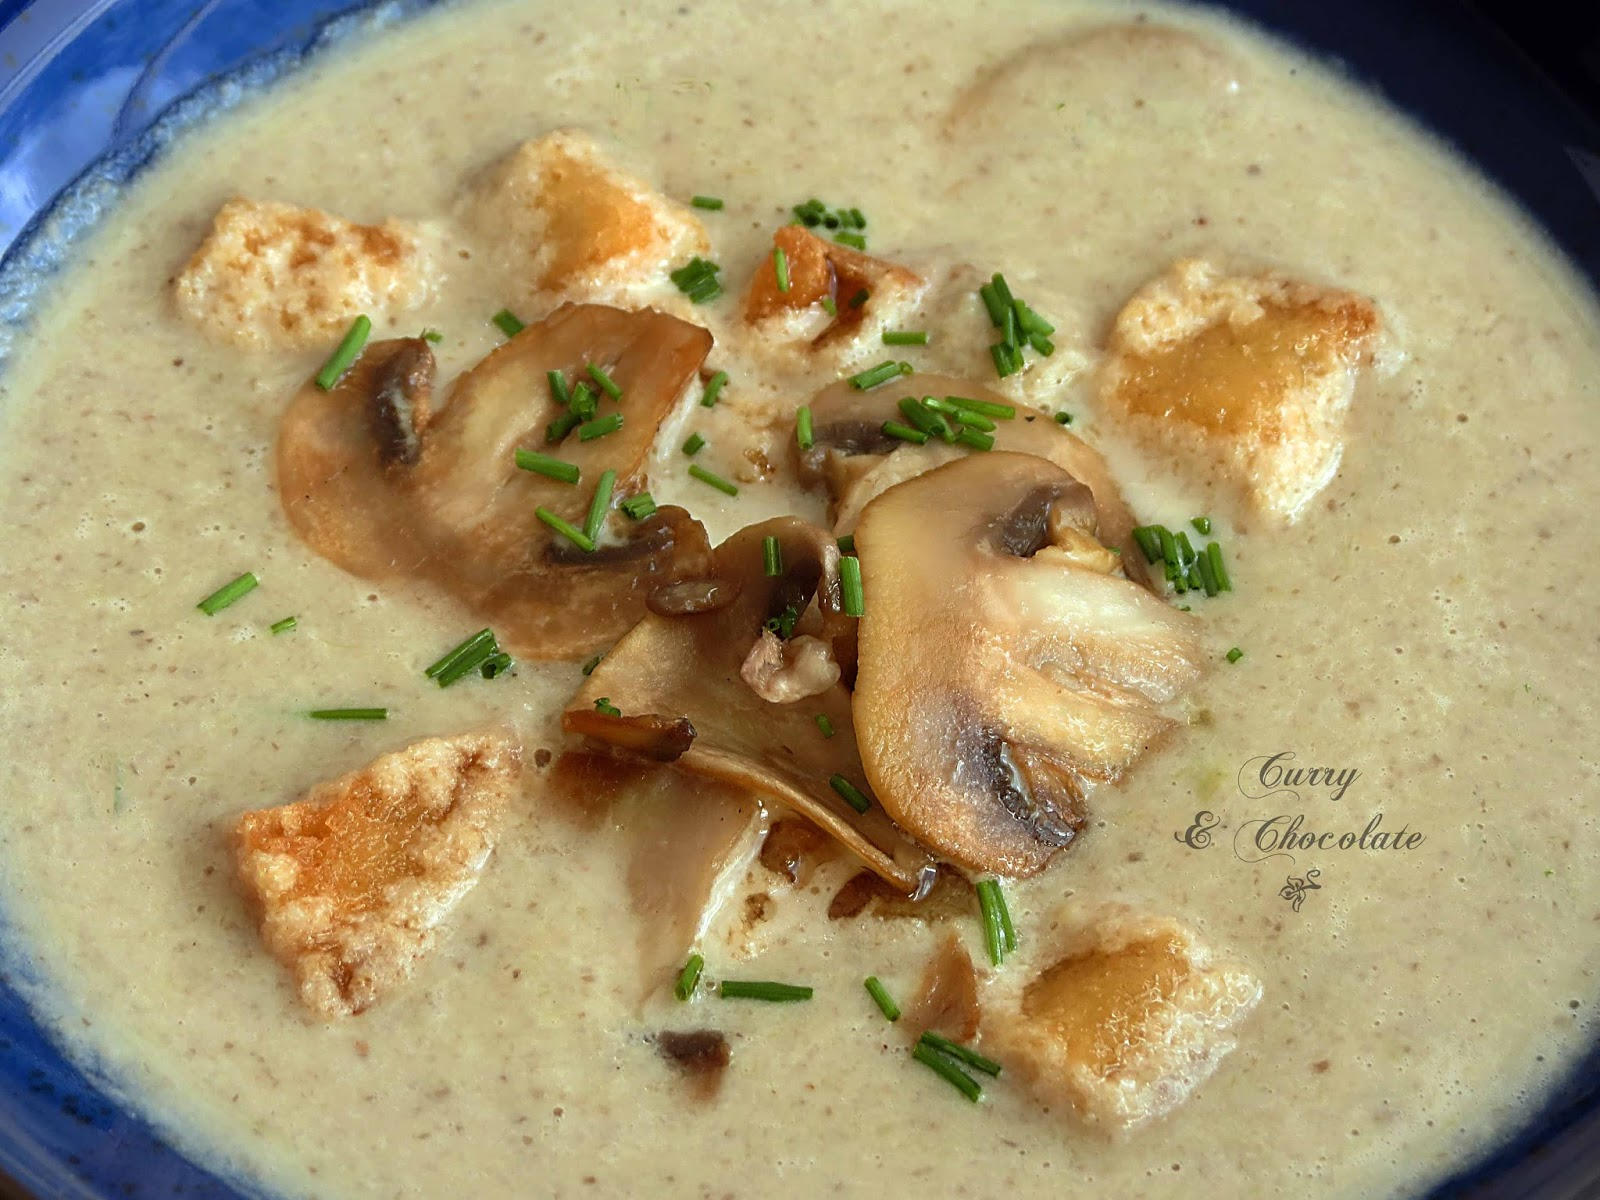 Sopa de champiñones con puerro - Mushroom and leek soup